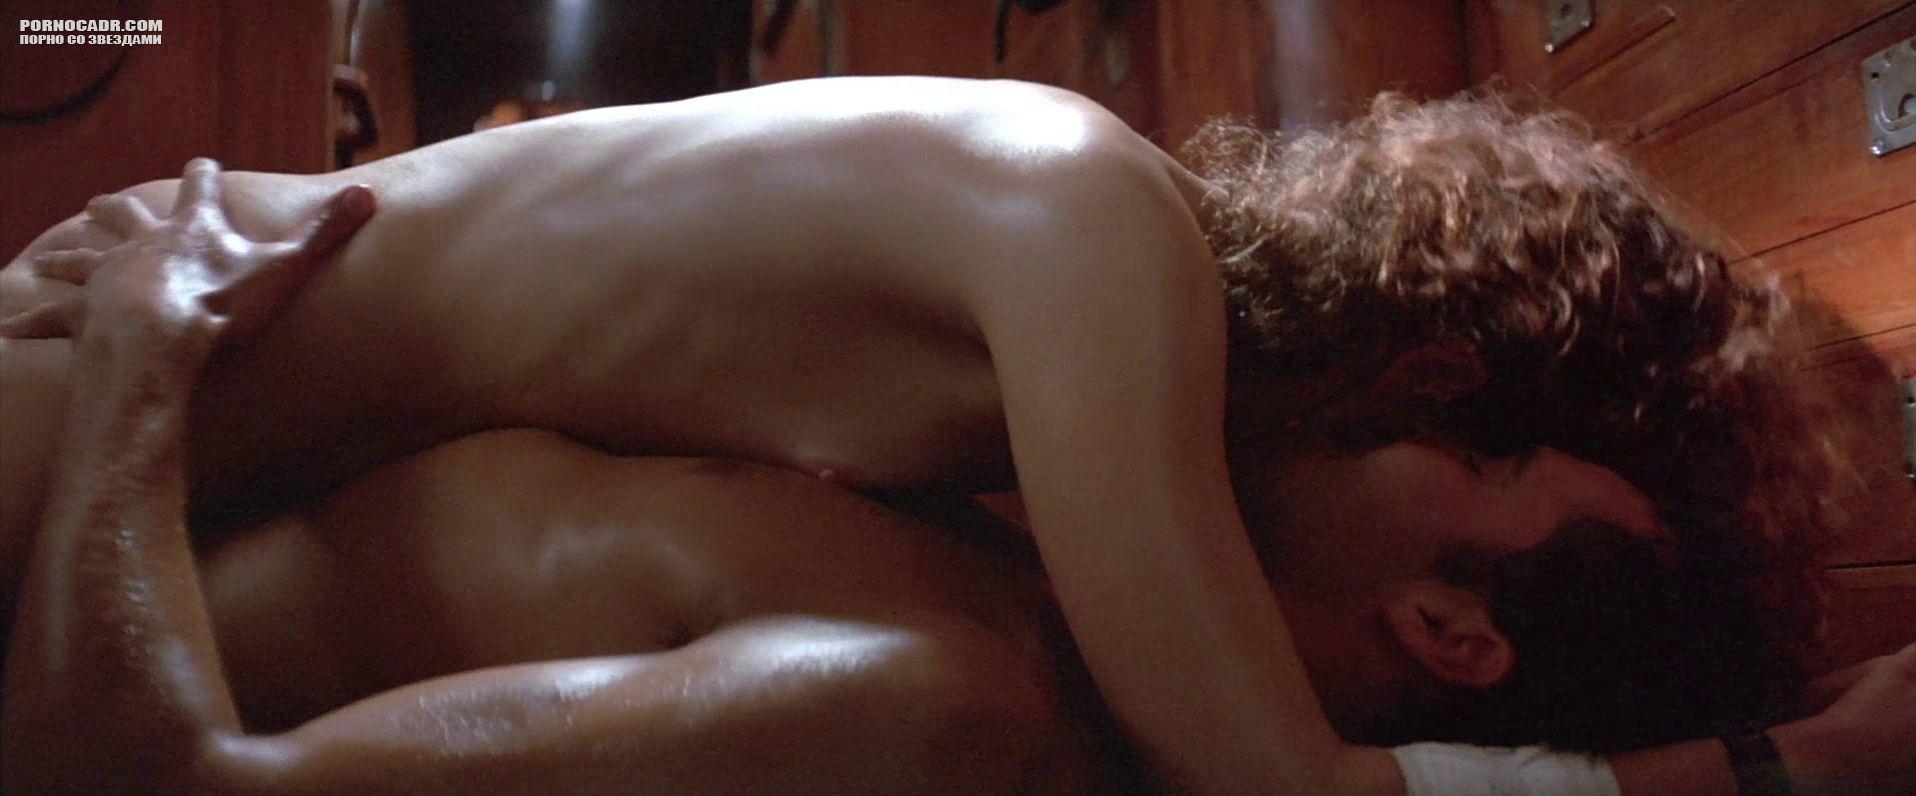 Порно сцены с николь кидман спа